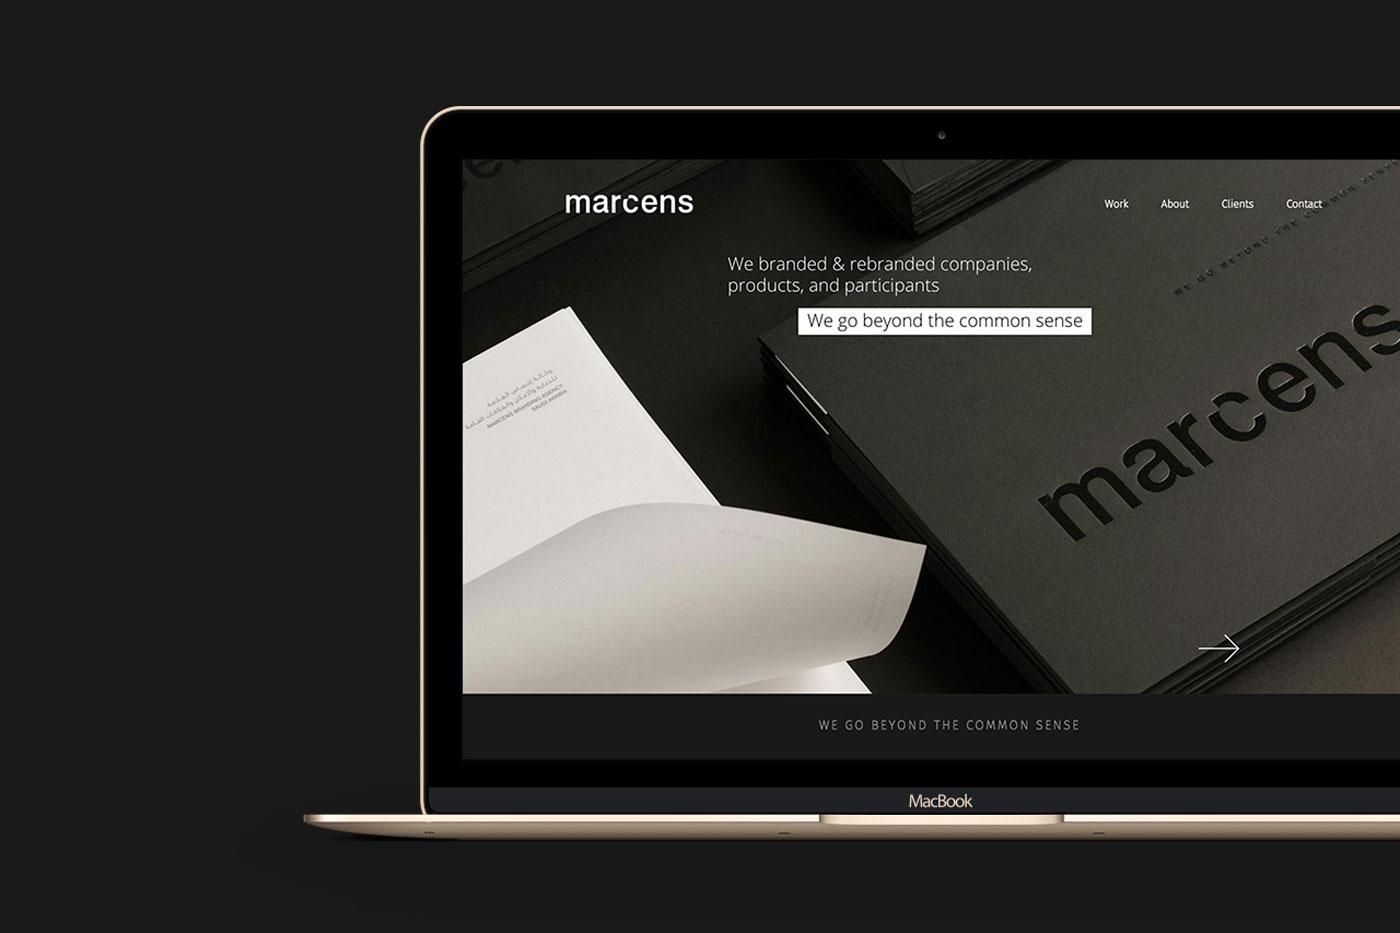 marcens-behance-10